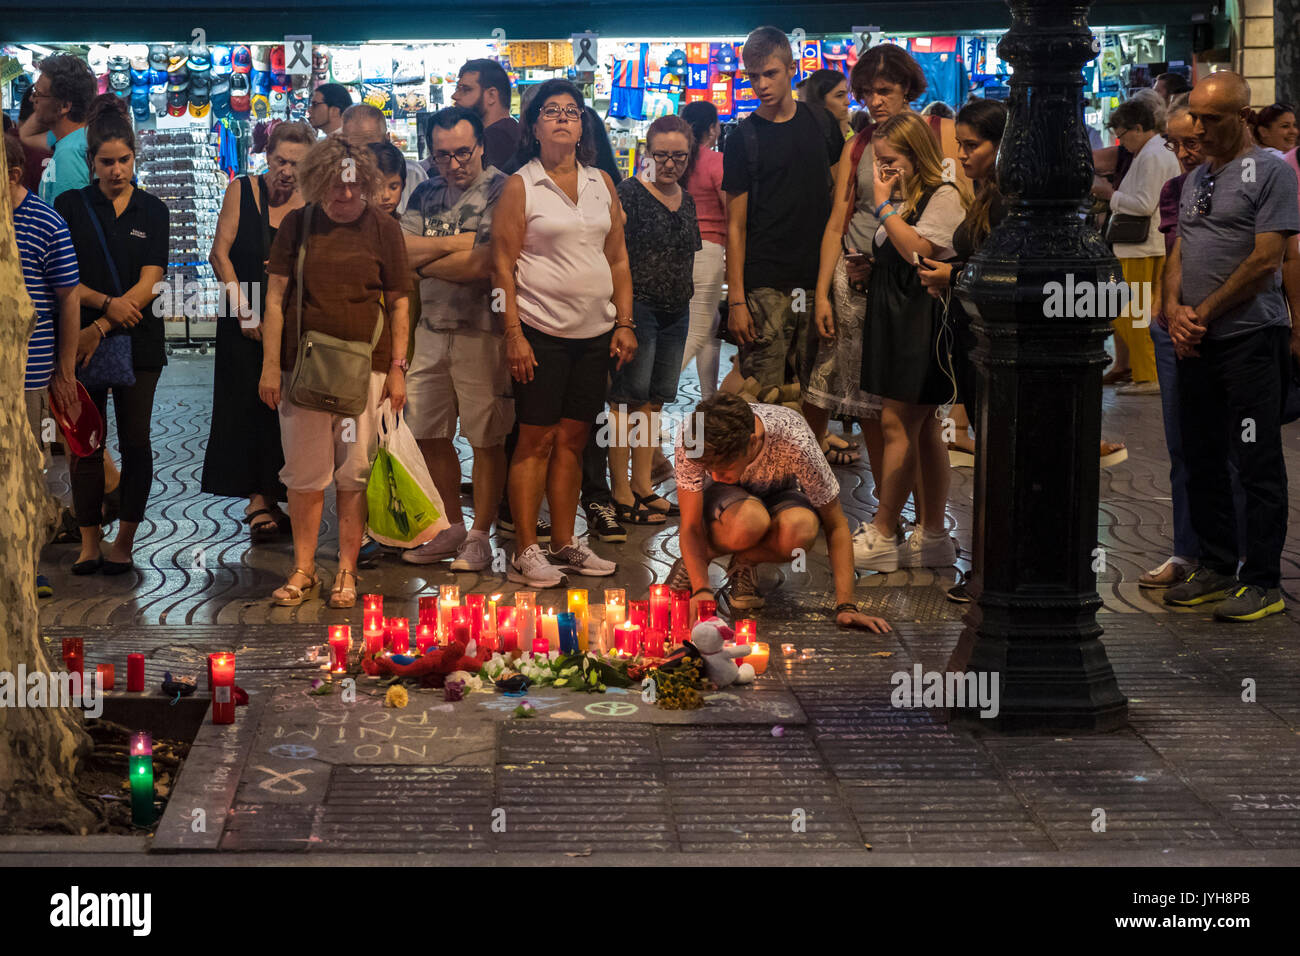 Barcelone, Espagne. Août 19, 2017. Le 19 août 2017 la ville de Barcelone a subi l'attaque terroriste d'ISIS, avec Banque D'Images